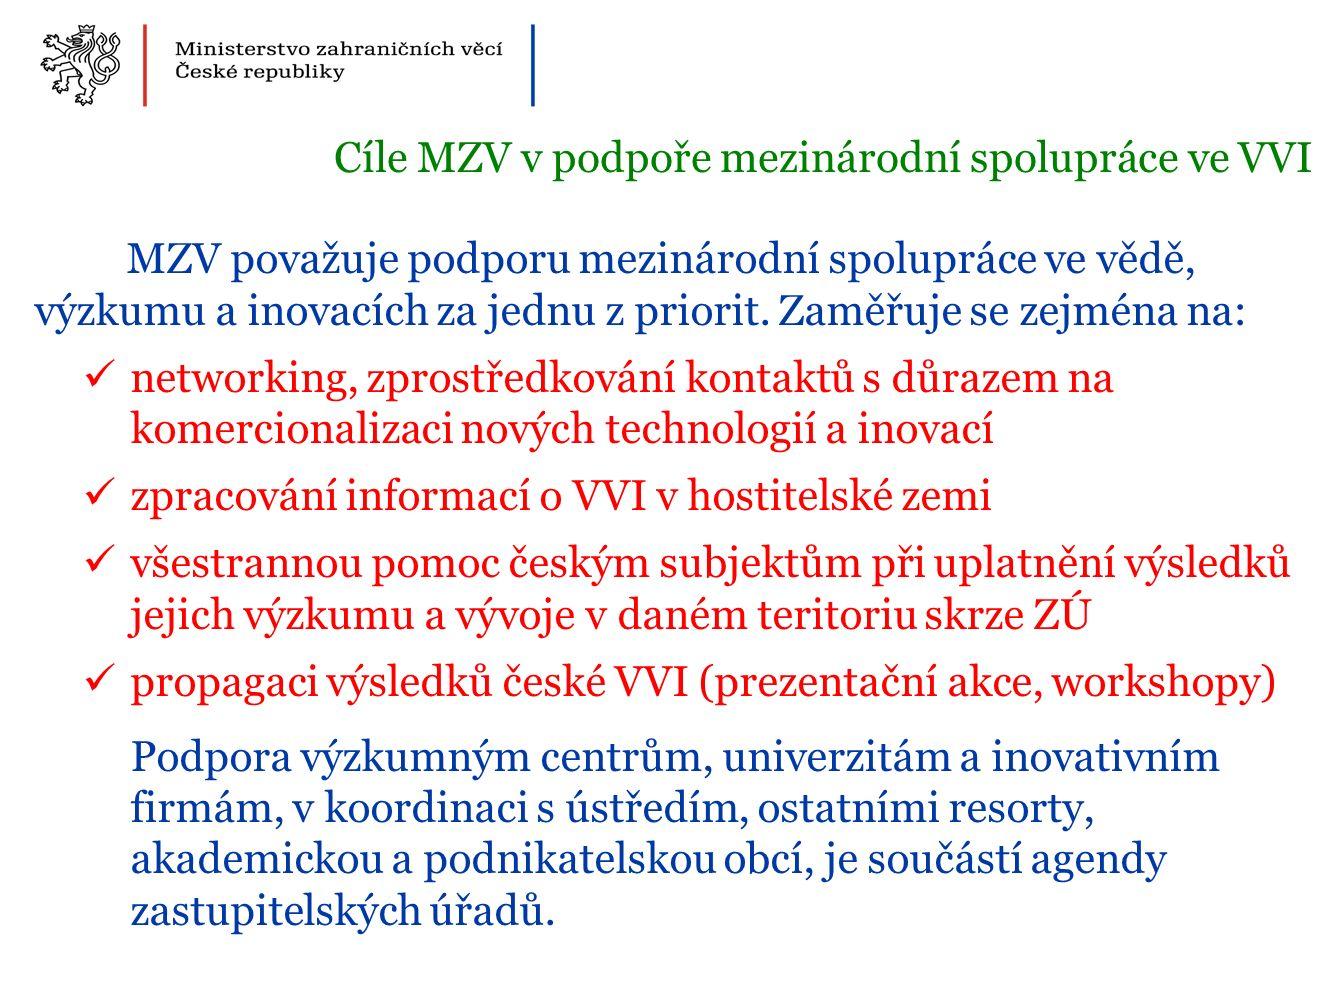 MZV považuje podporu mezinárodní spolupráce ve vědě, výzkumu a inovacích za jednu z priorit.